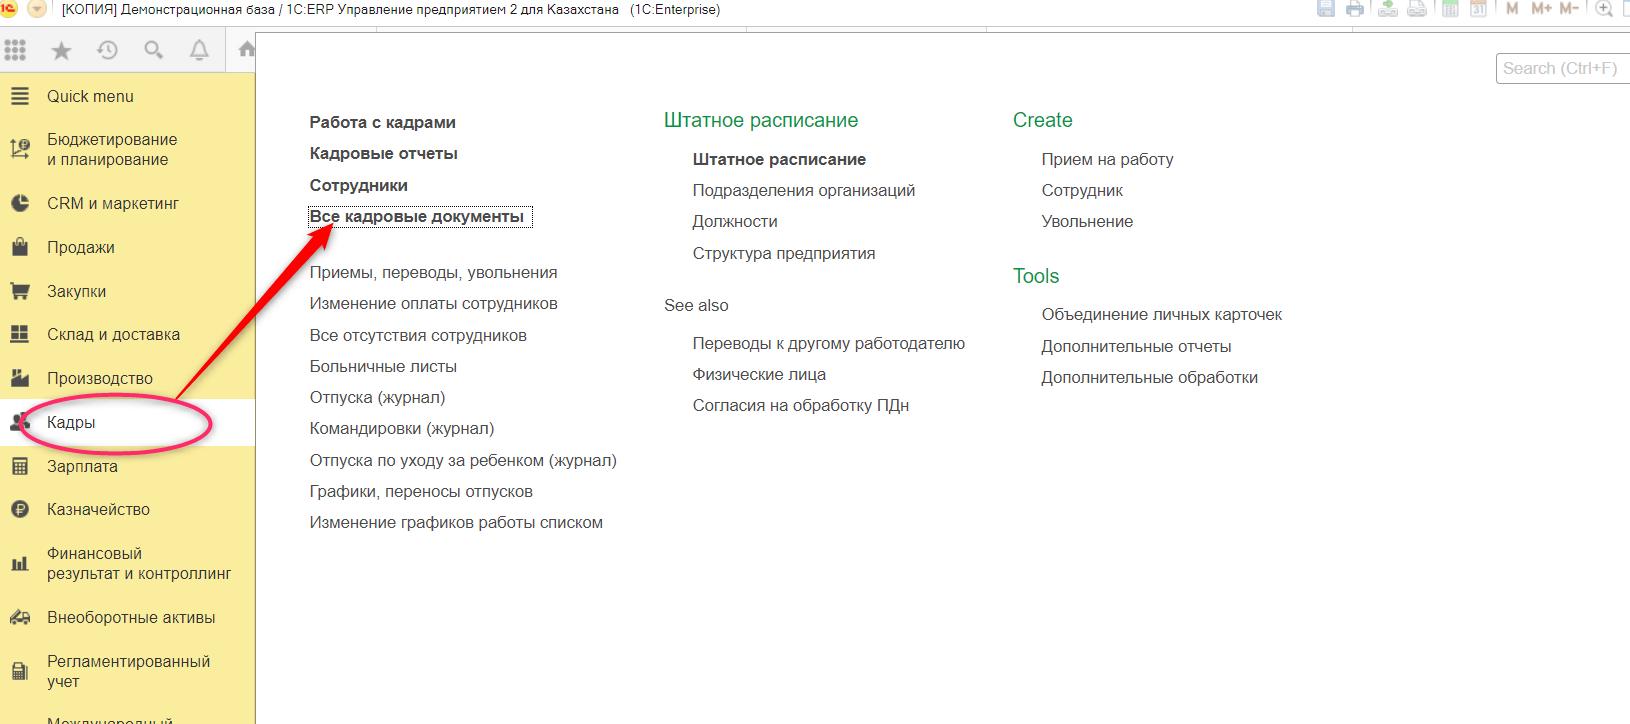 Все кадровые документы в 1С ЕРП 2.4